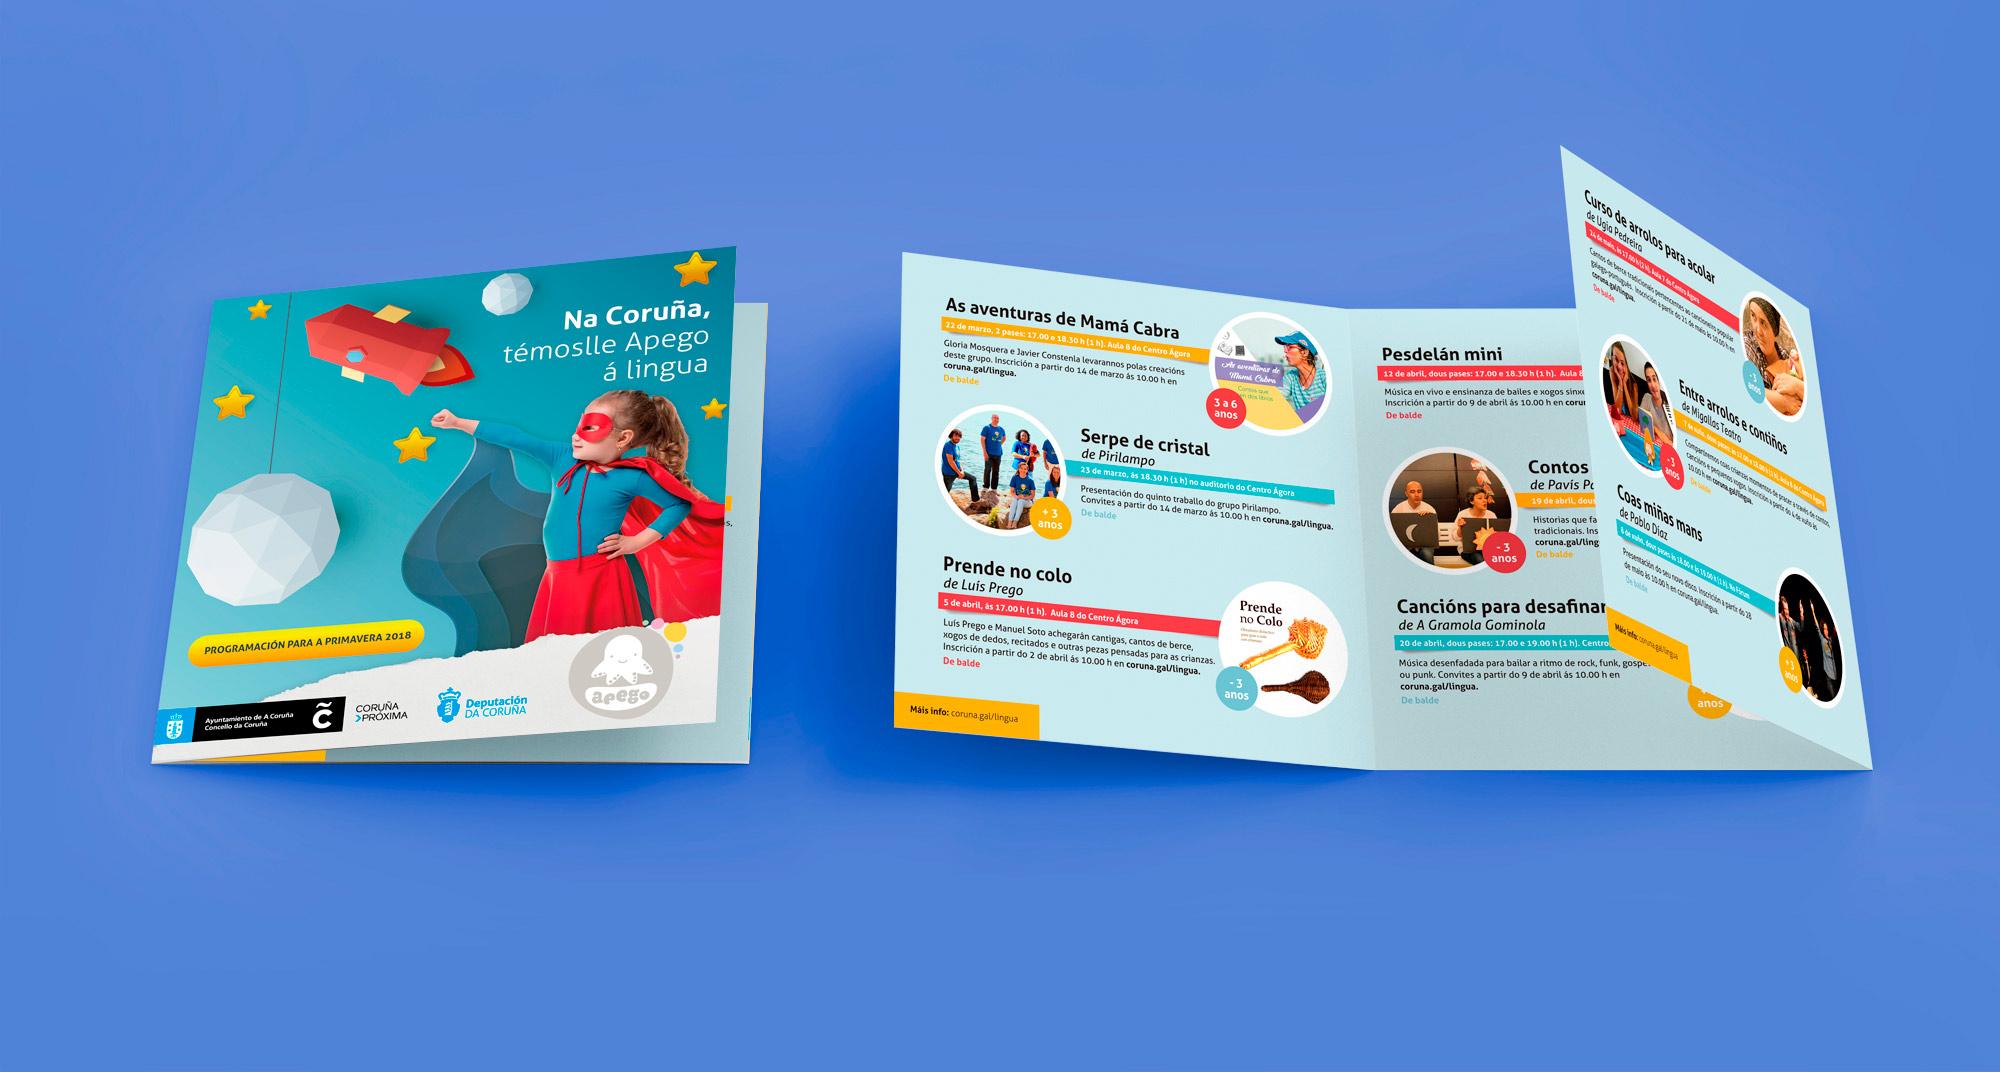 portada e interior del folleto de Apego, publicidad del ayuntamiento de La Coruña para promover el gallego en los más pequeños.